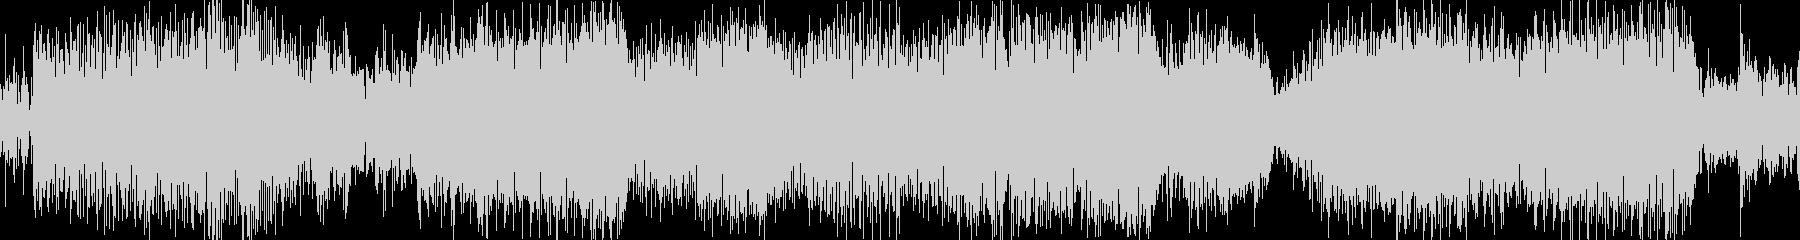 カオスでミステリアスなテクノ曲の未再生の波形